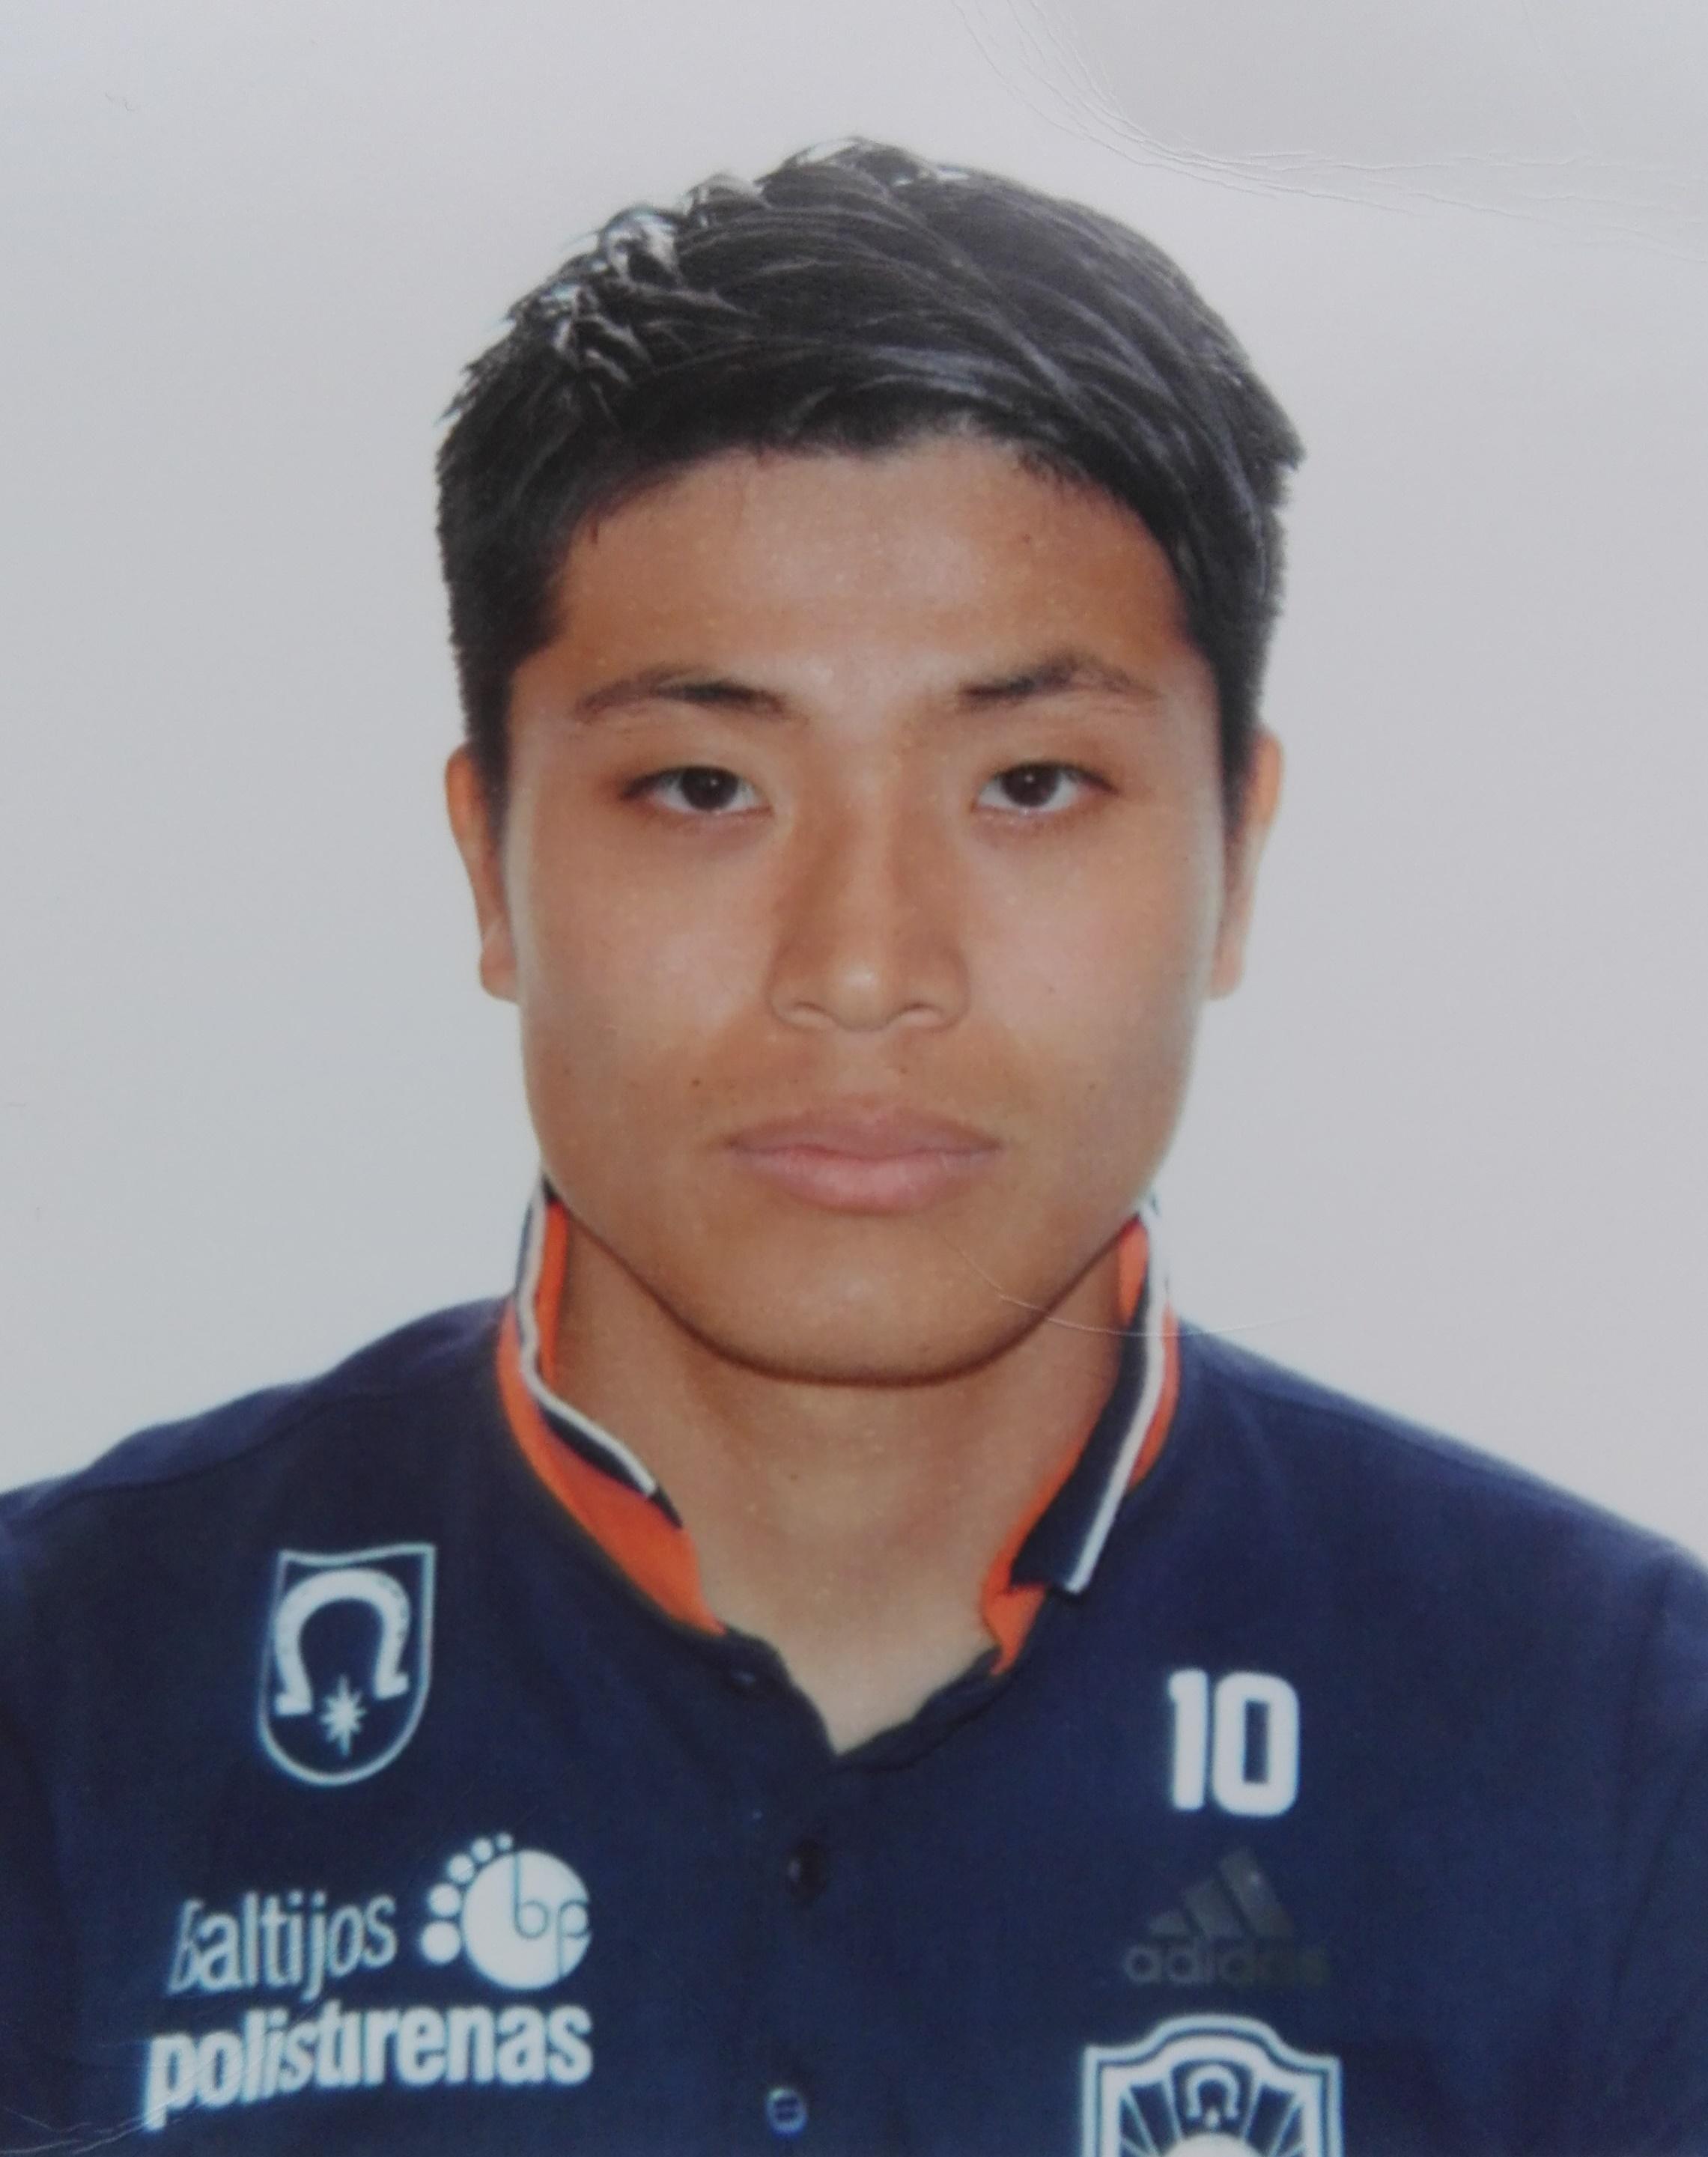 Takuya Matsunaga